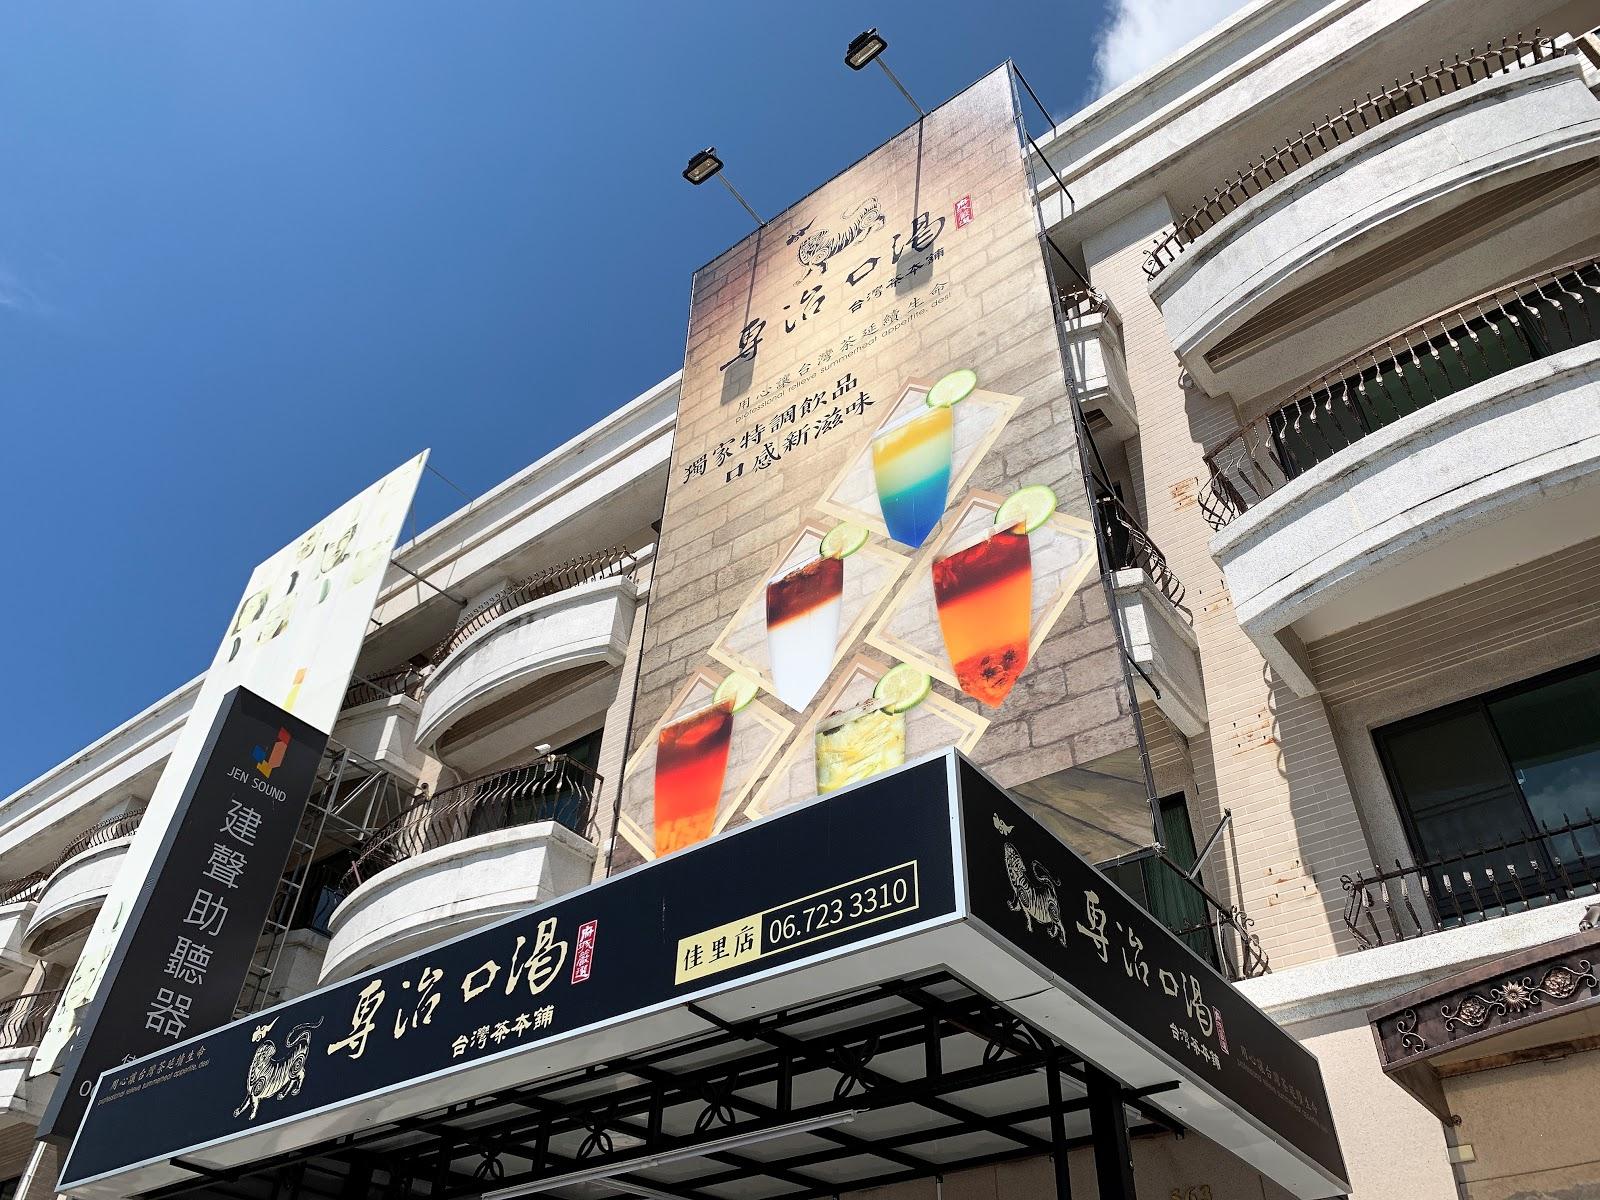 台南美食【專治口渴 】店外招牌